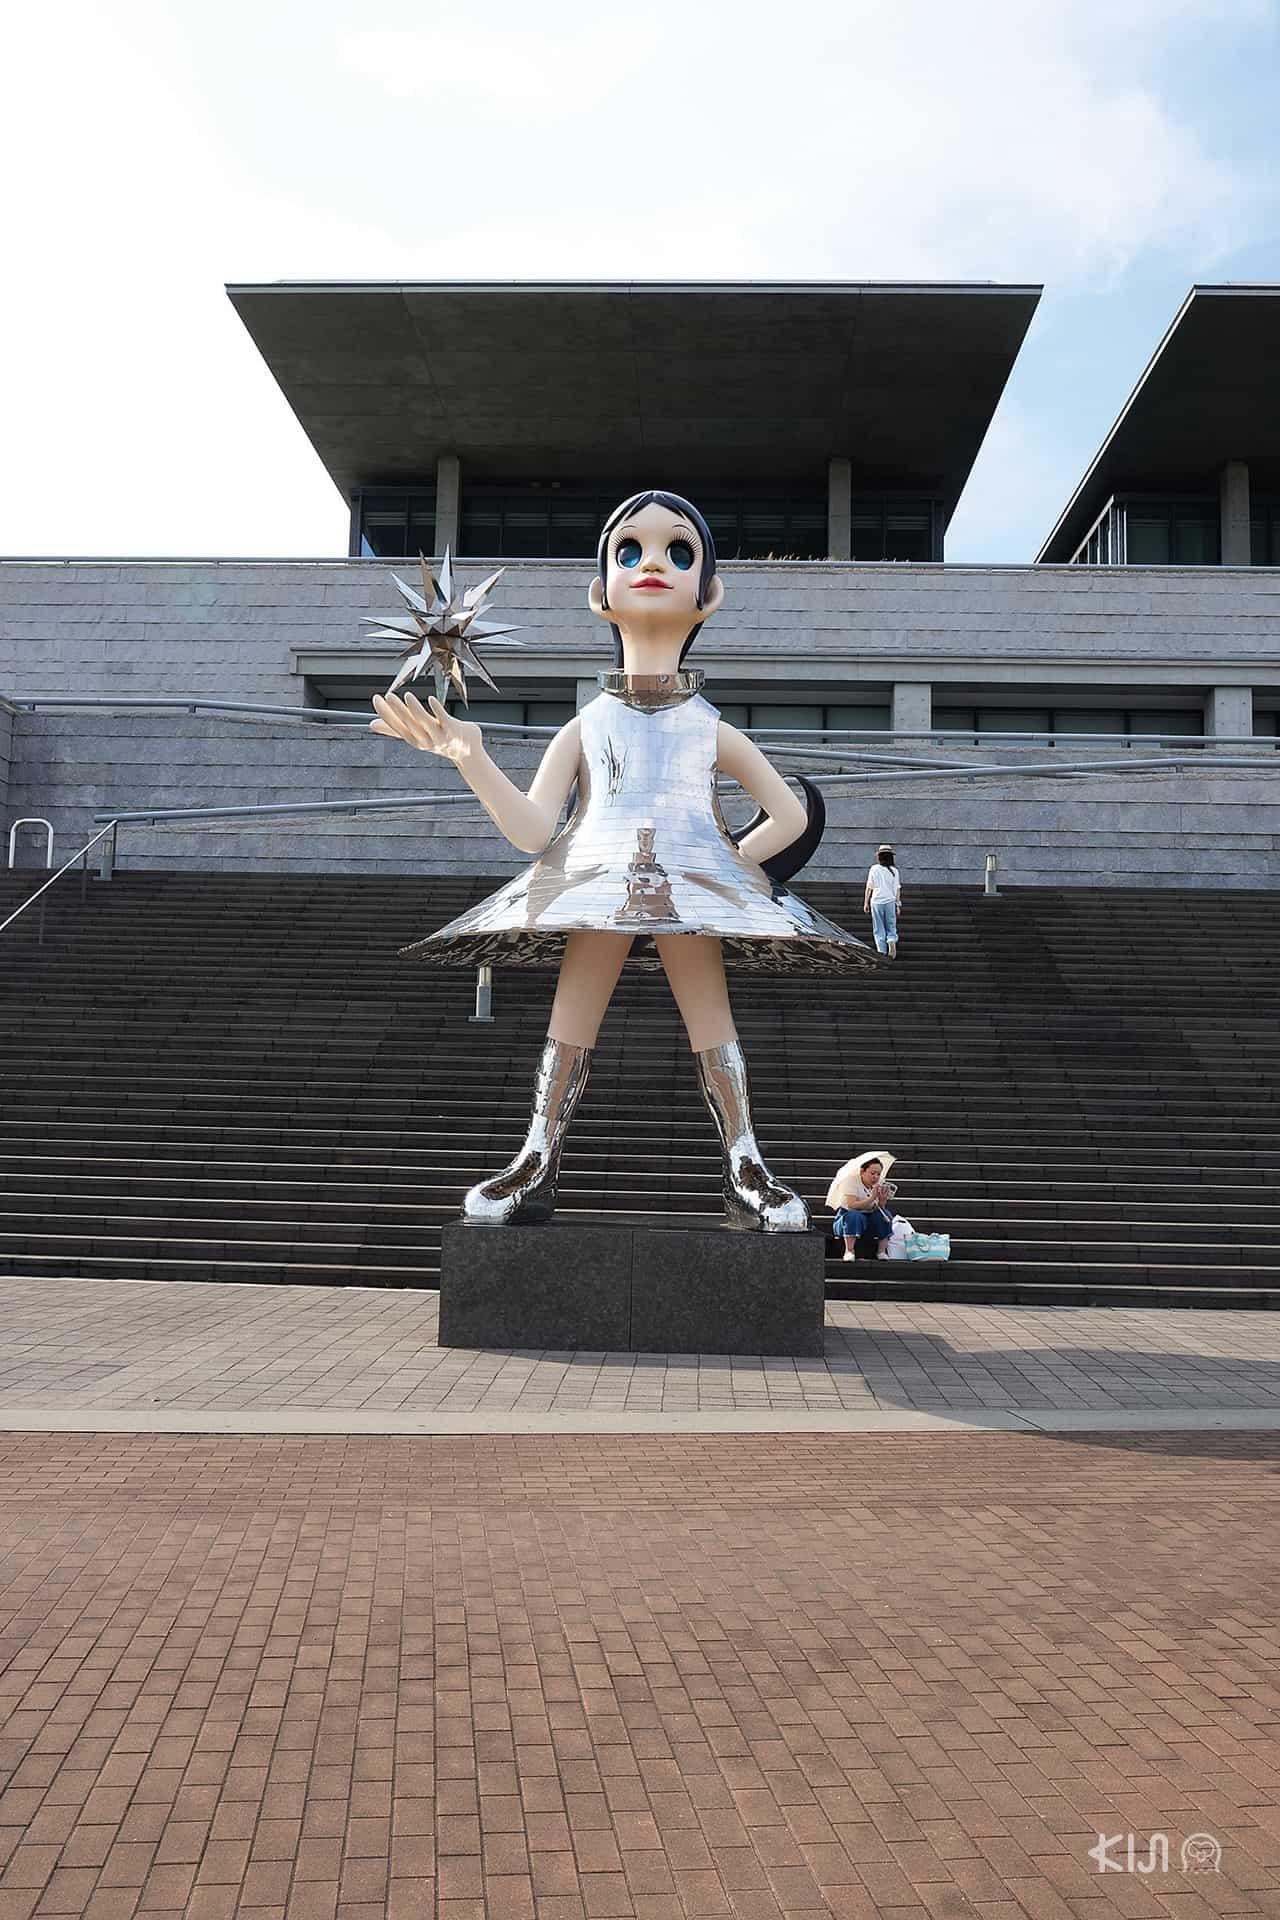 งานดีไซน์หน้าพิพิธภัณฑ์ศิลปะเฮียวโงะ (Hyogo Prefectural Museum of Art)